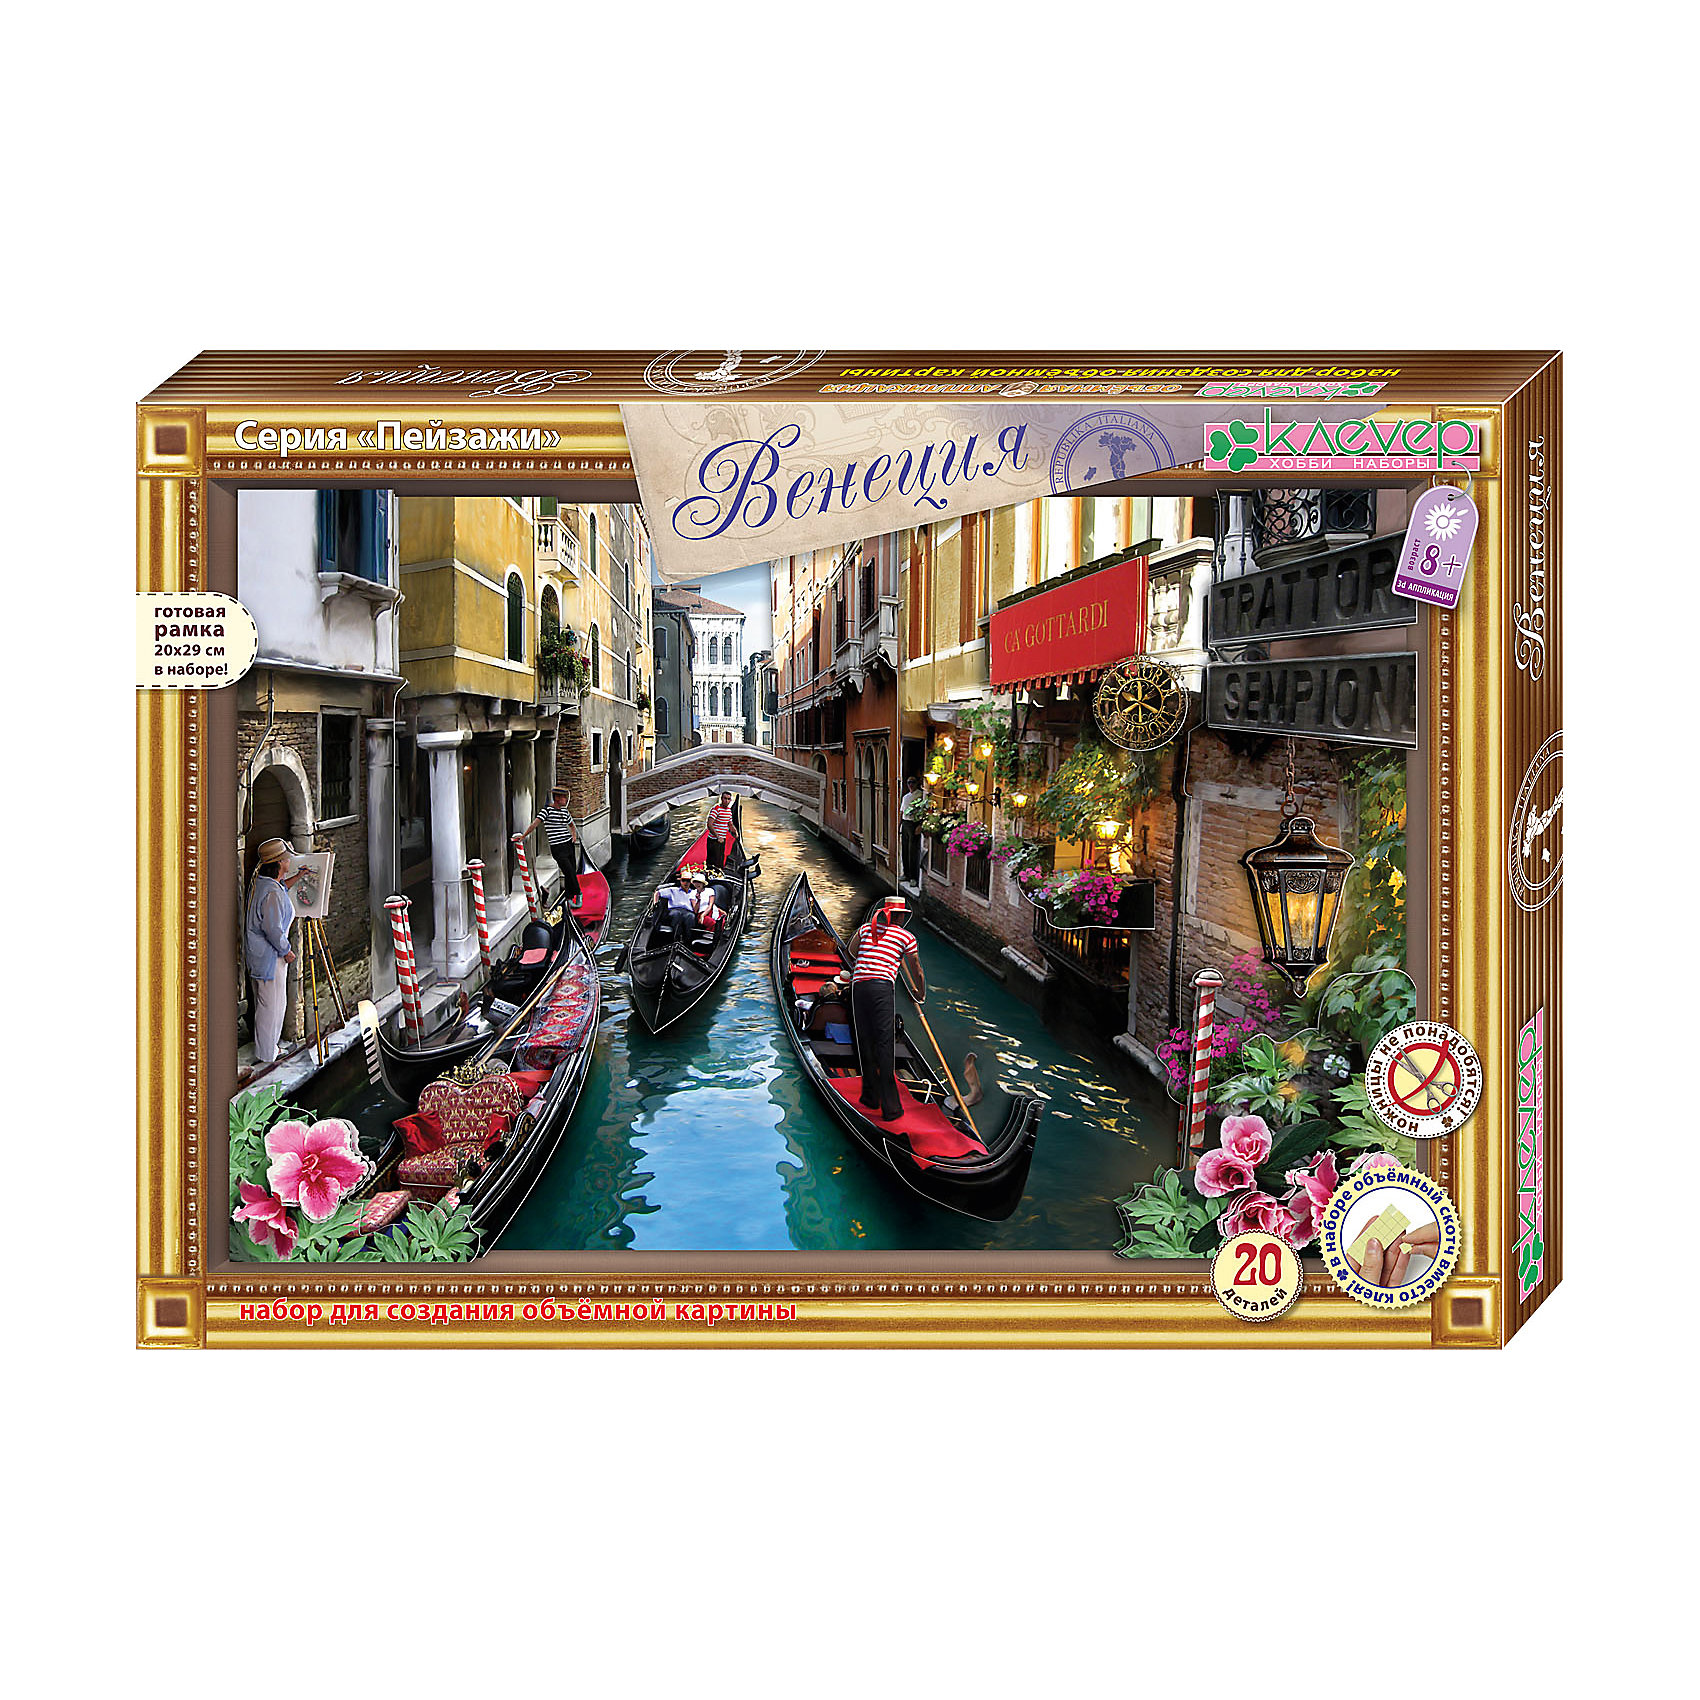 Набор для изготовления картины  ВенецияНеповторимая Венеция с  каналами вместо улиц уносит лодки с мечтающими туристами в очарование старинного города на воде .Эту  картину с перспективой канала дети старше 8 лет могут сделать сами, самостоятельно, а дети старше 5 лет - с помощью взрослых.<br><br>Ширина мм: 290<br>Глубина мм: 200<br>Высота мм: 300<br>Вес г: 90<br>Возраст от месяцев: 60<br>Возраст до месяцев: 144<br>Пол: Унисекс<br>Возраст: Детский<br>SKU: 5541484